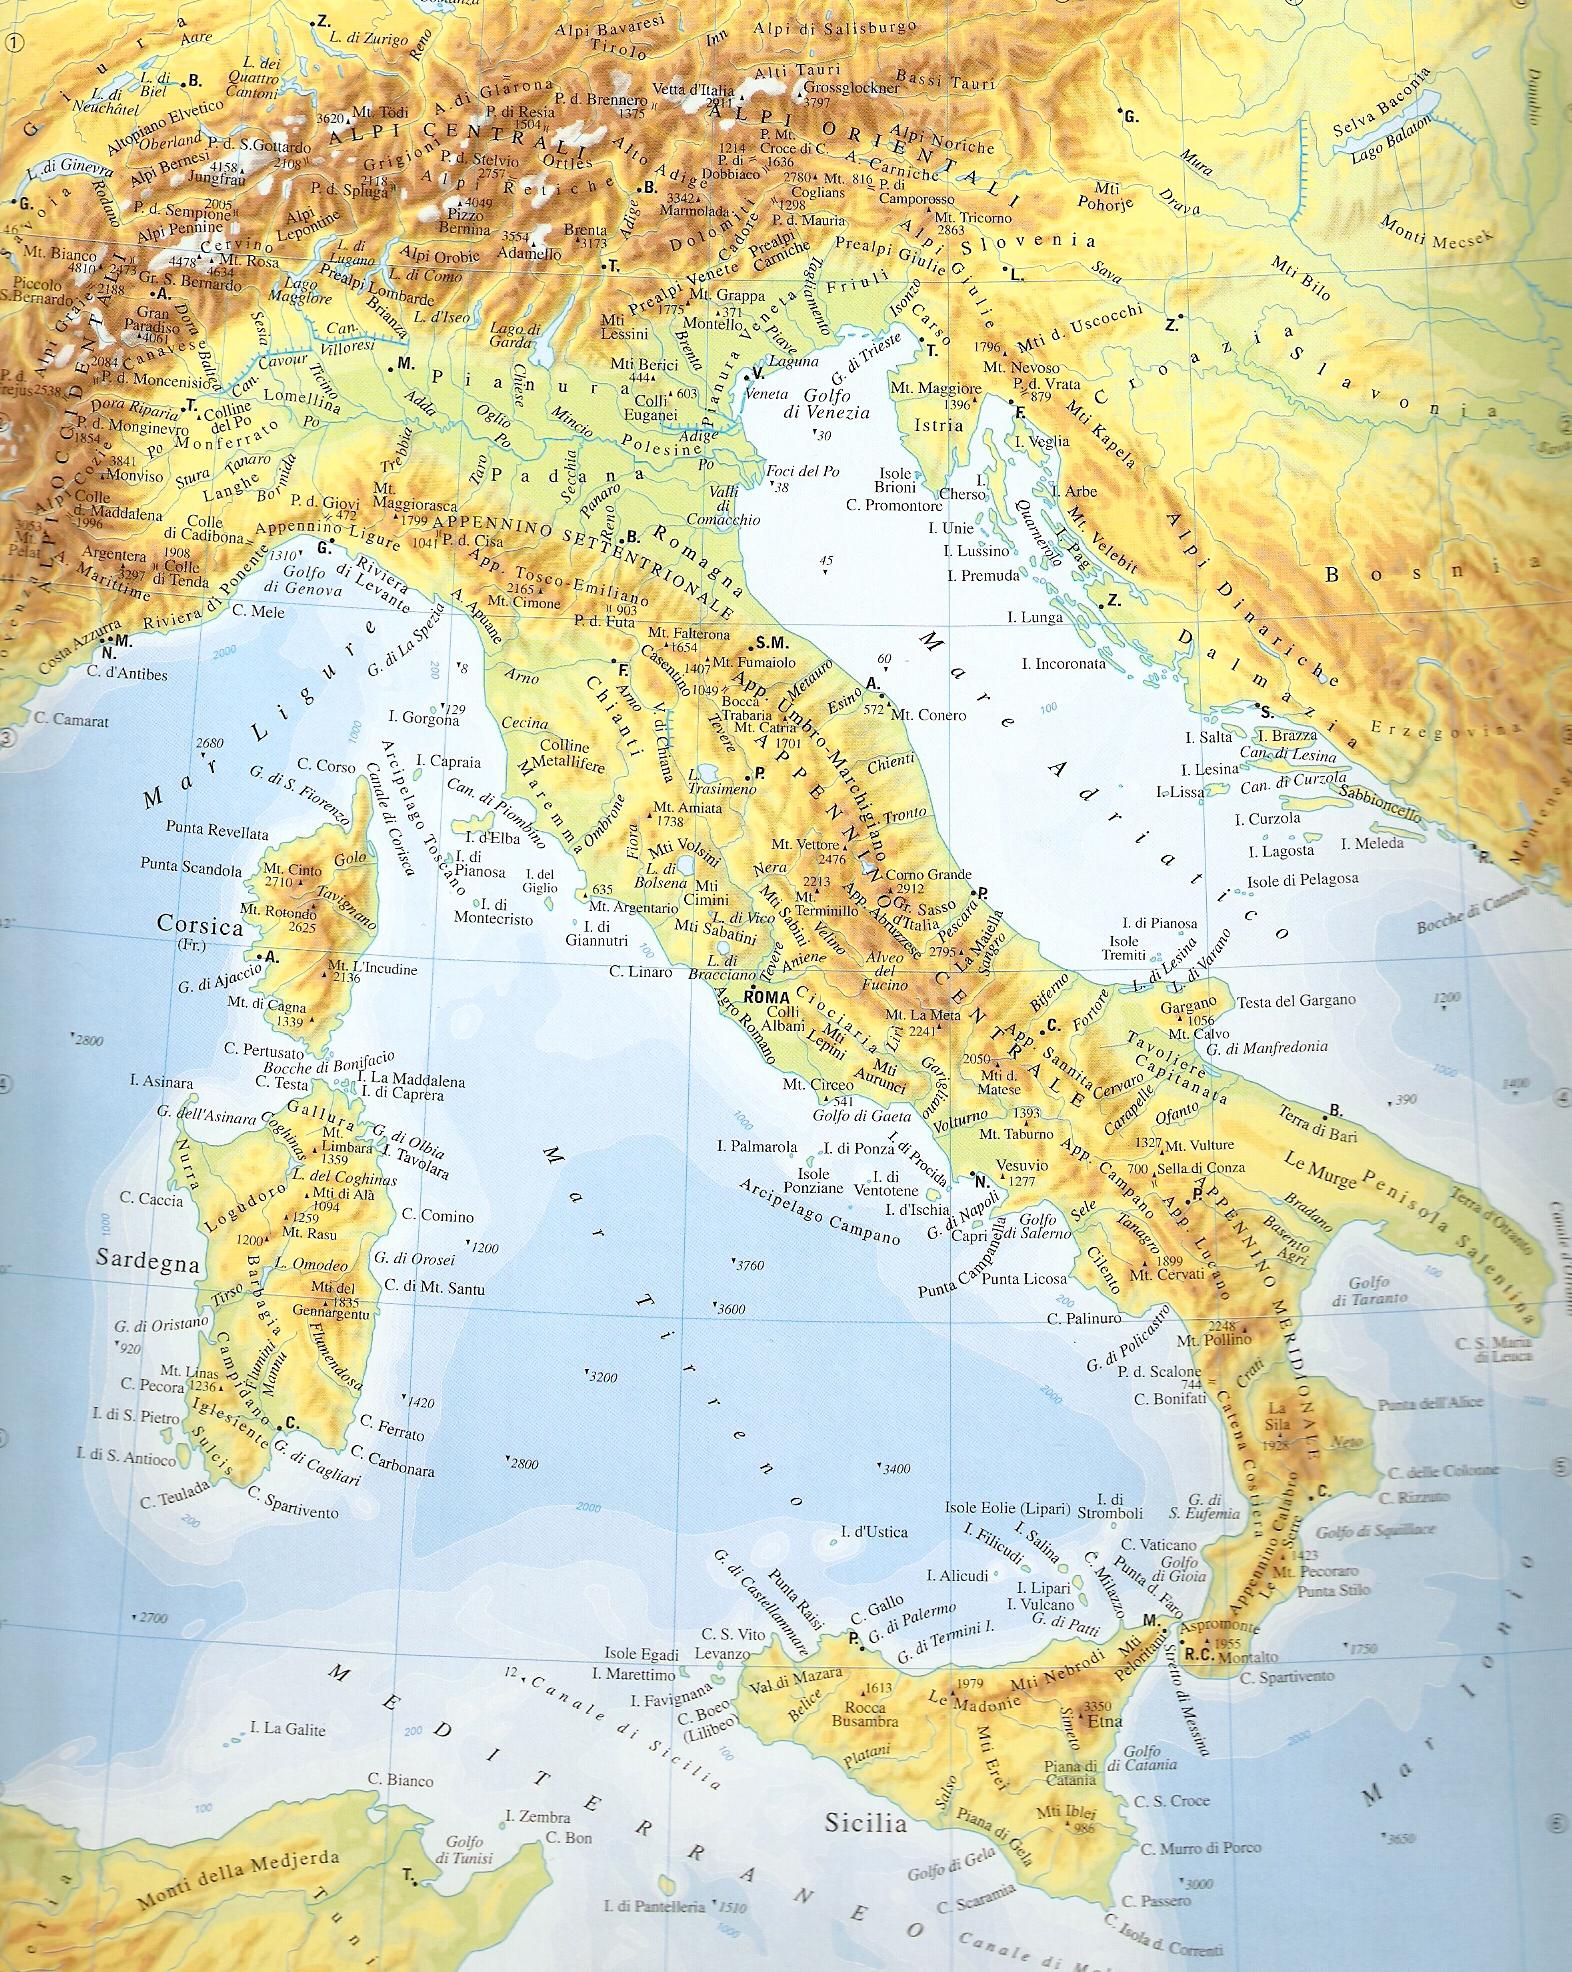 Cartina Dell'italia Con Le Regioni E Capoluoghi